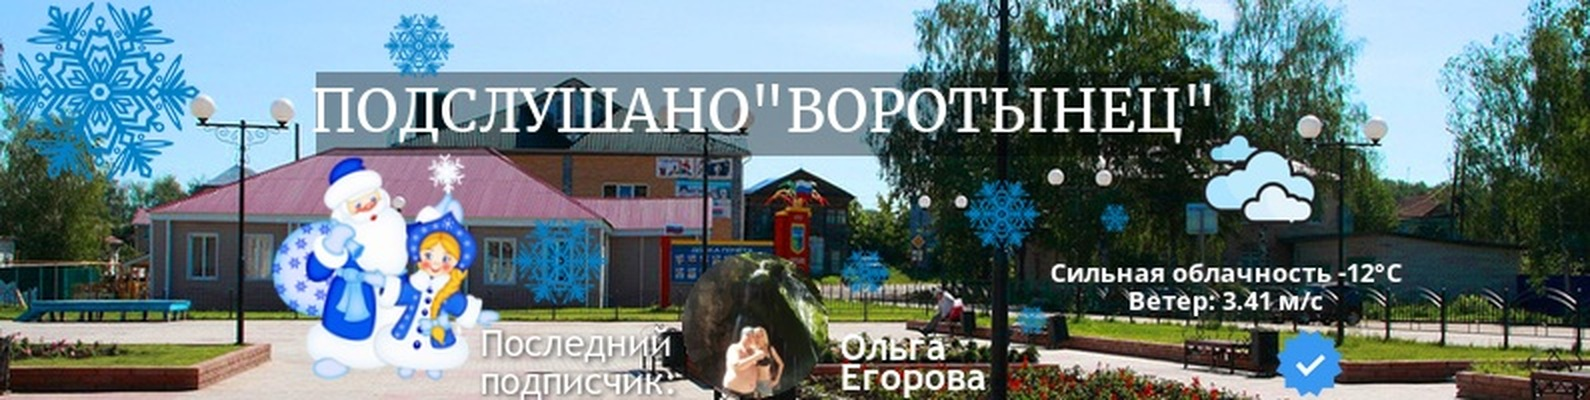 нижегородская область воротынец теплицы